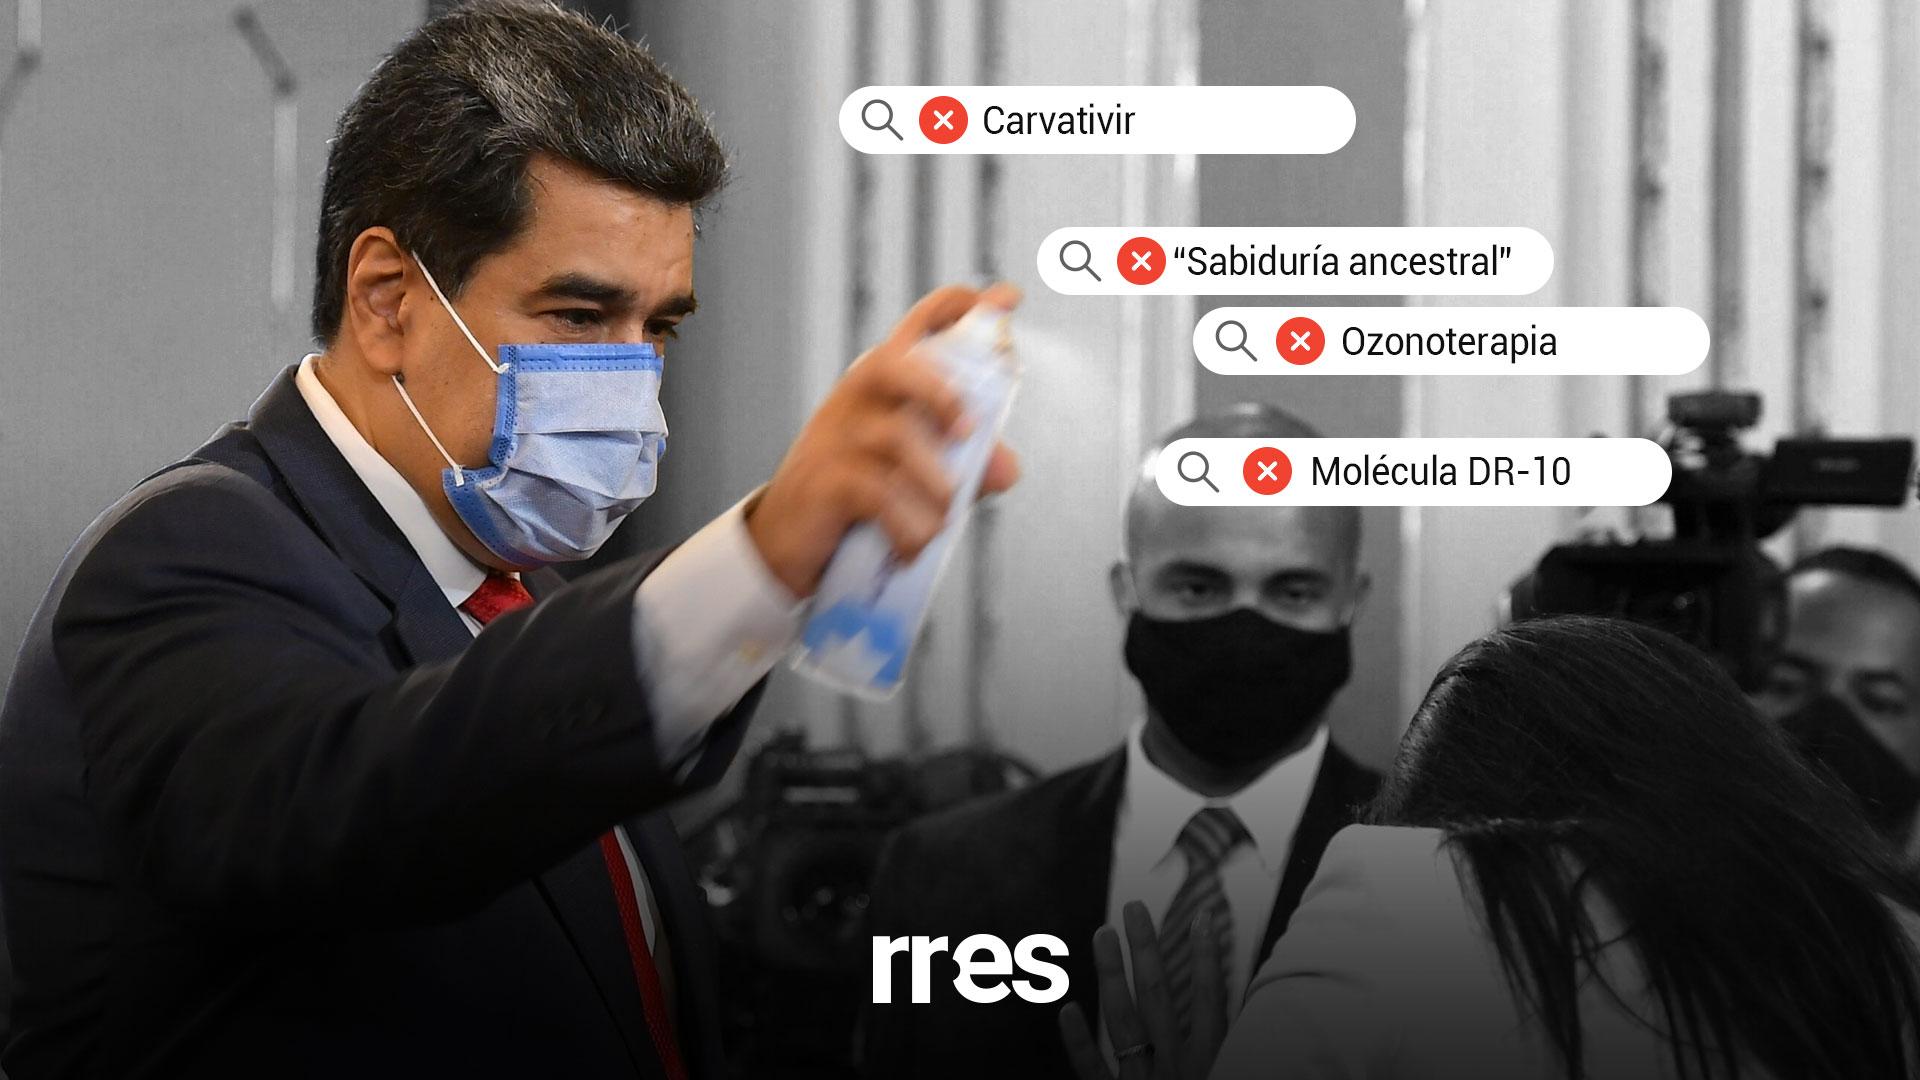 Las medicinas milagrosas que ha promocionado Maduro para curar la COVID-19